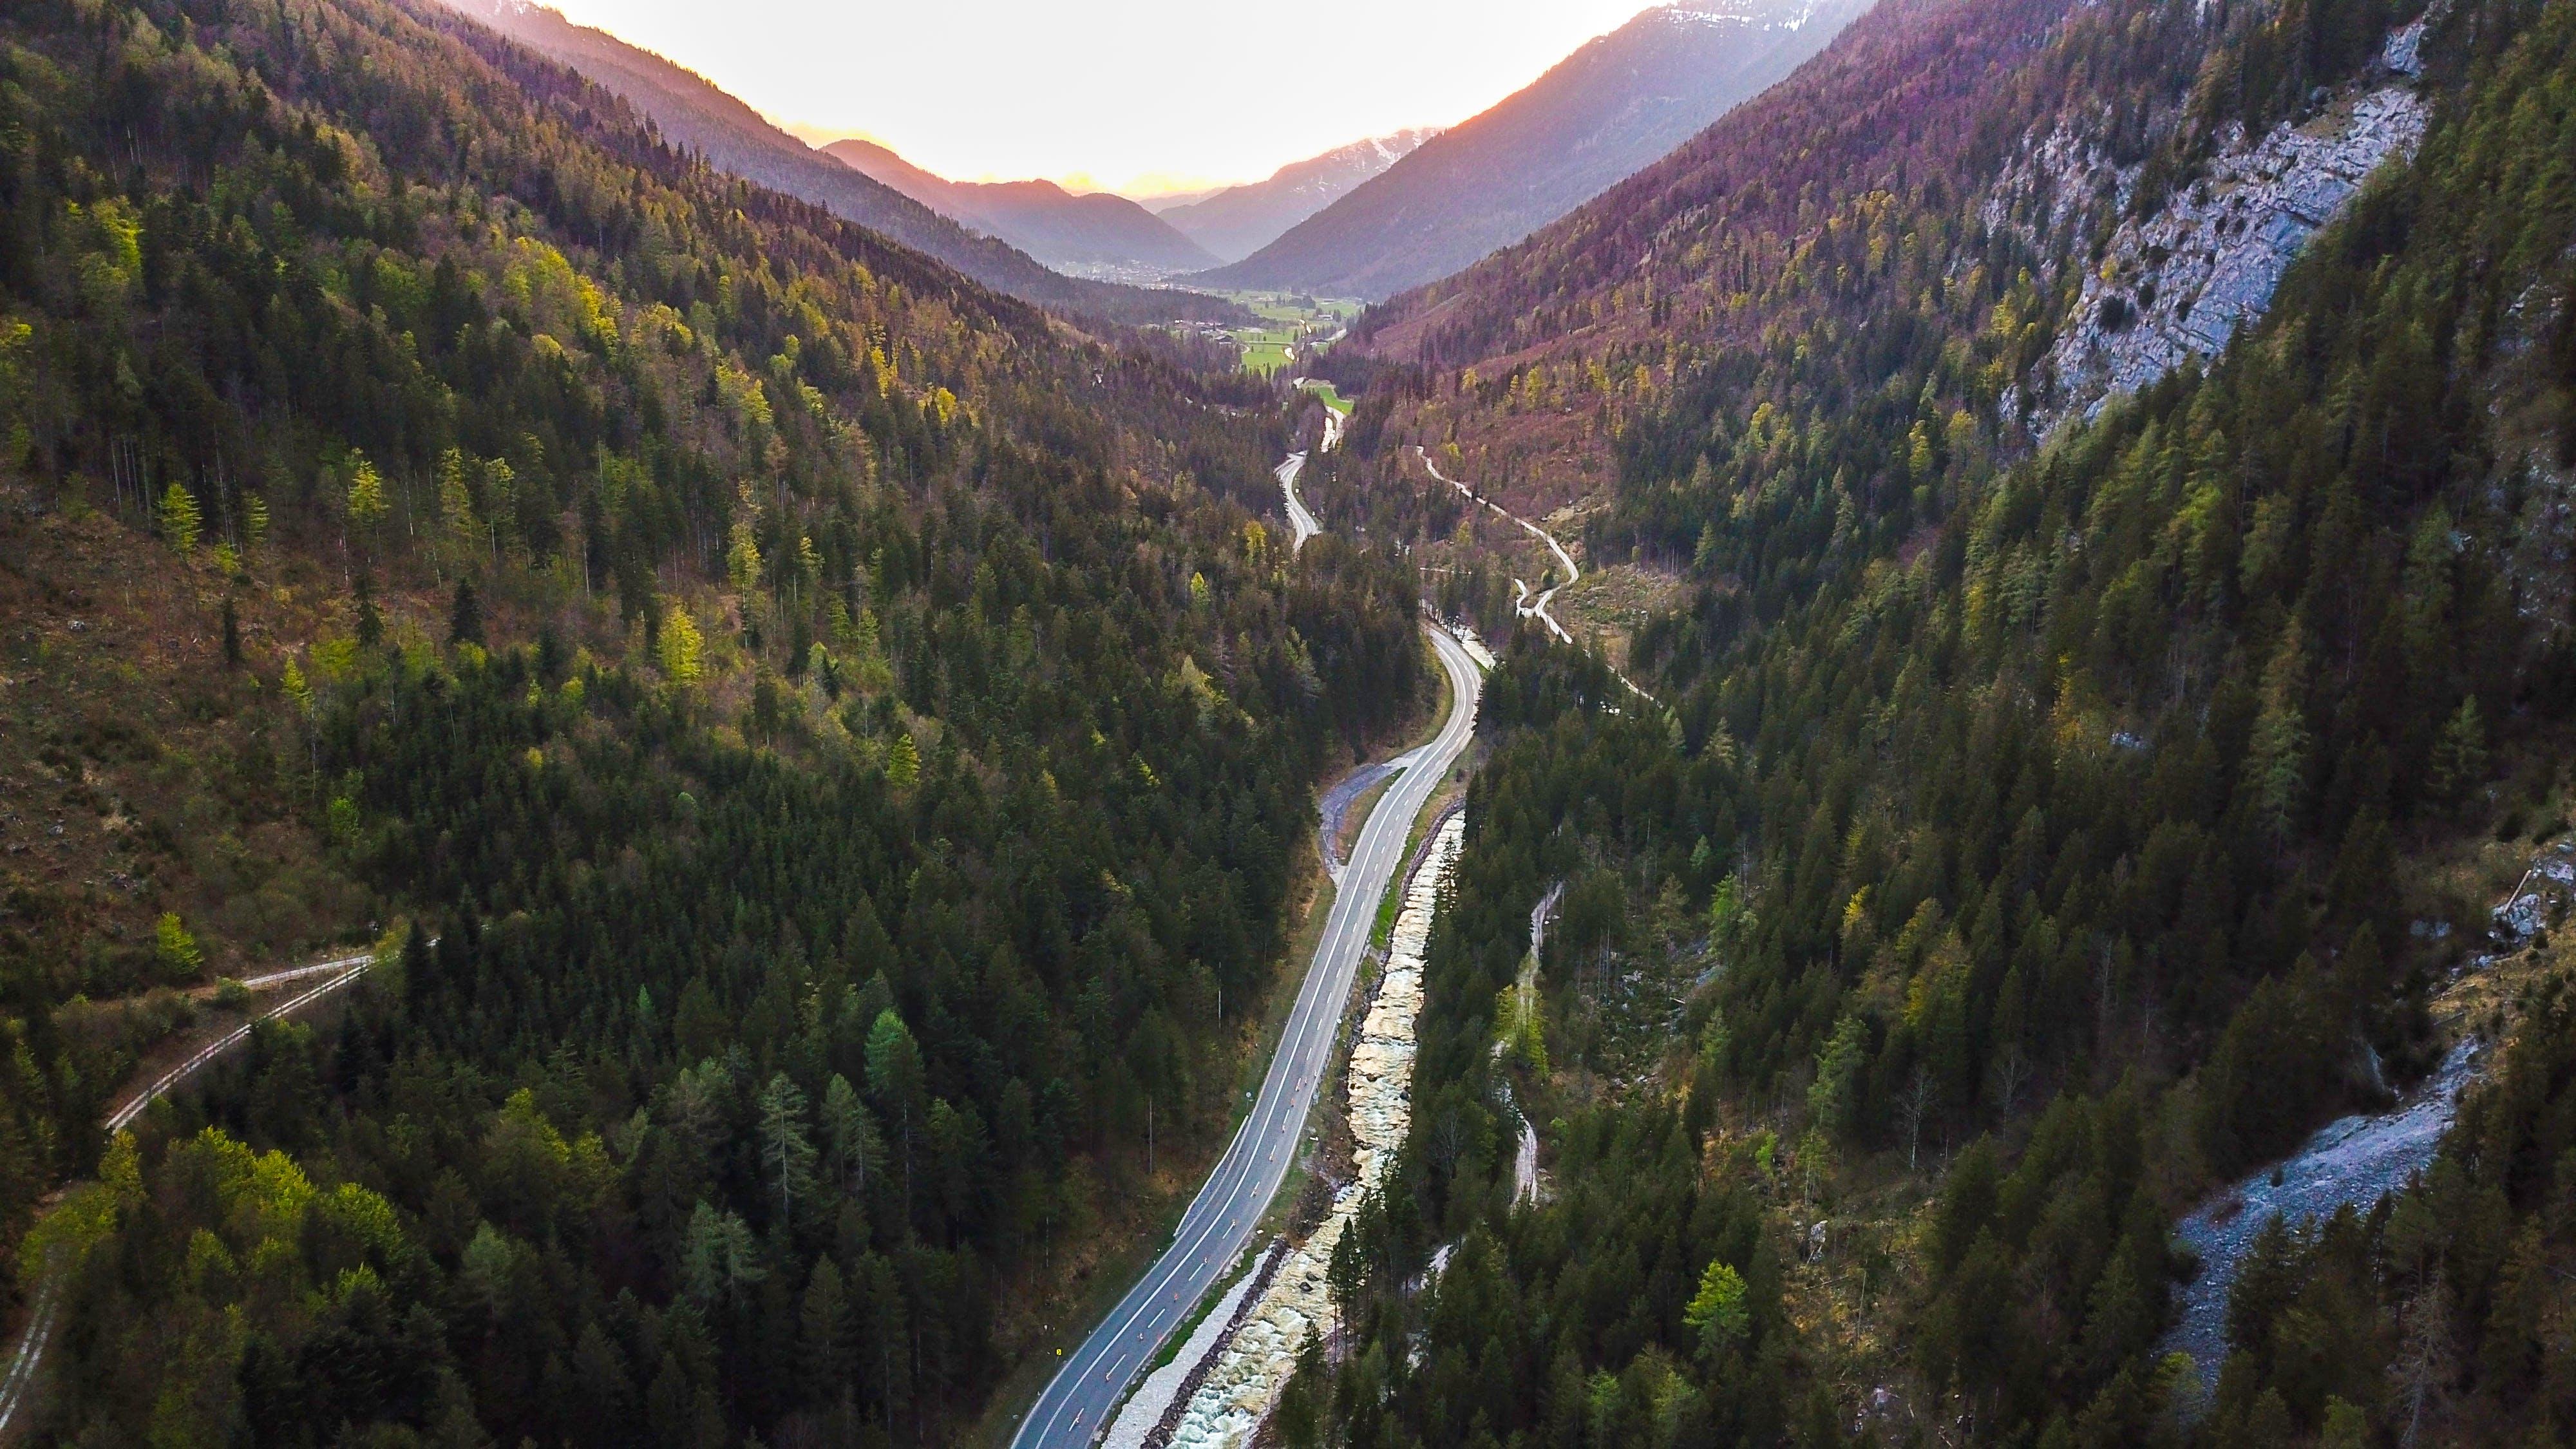 Δωρεάν στοκ φωτογραφιών με 4k, 4k πλάνα βίντεο, CC0, drone συμβουλές